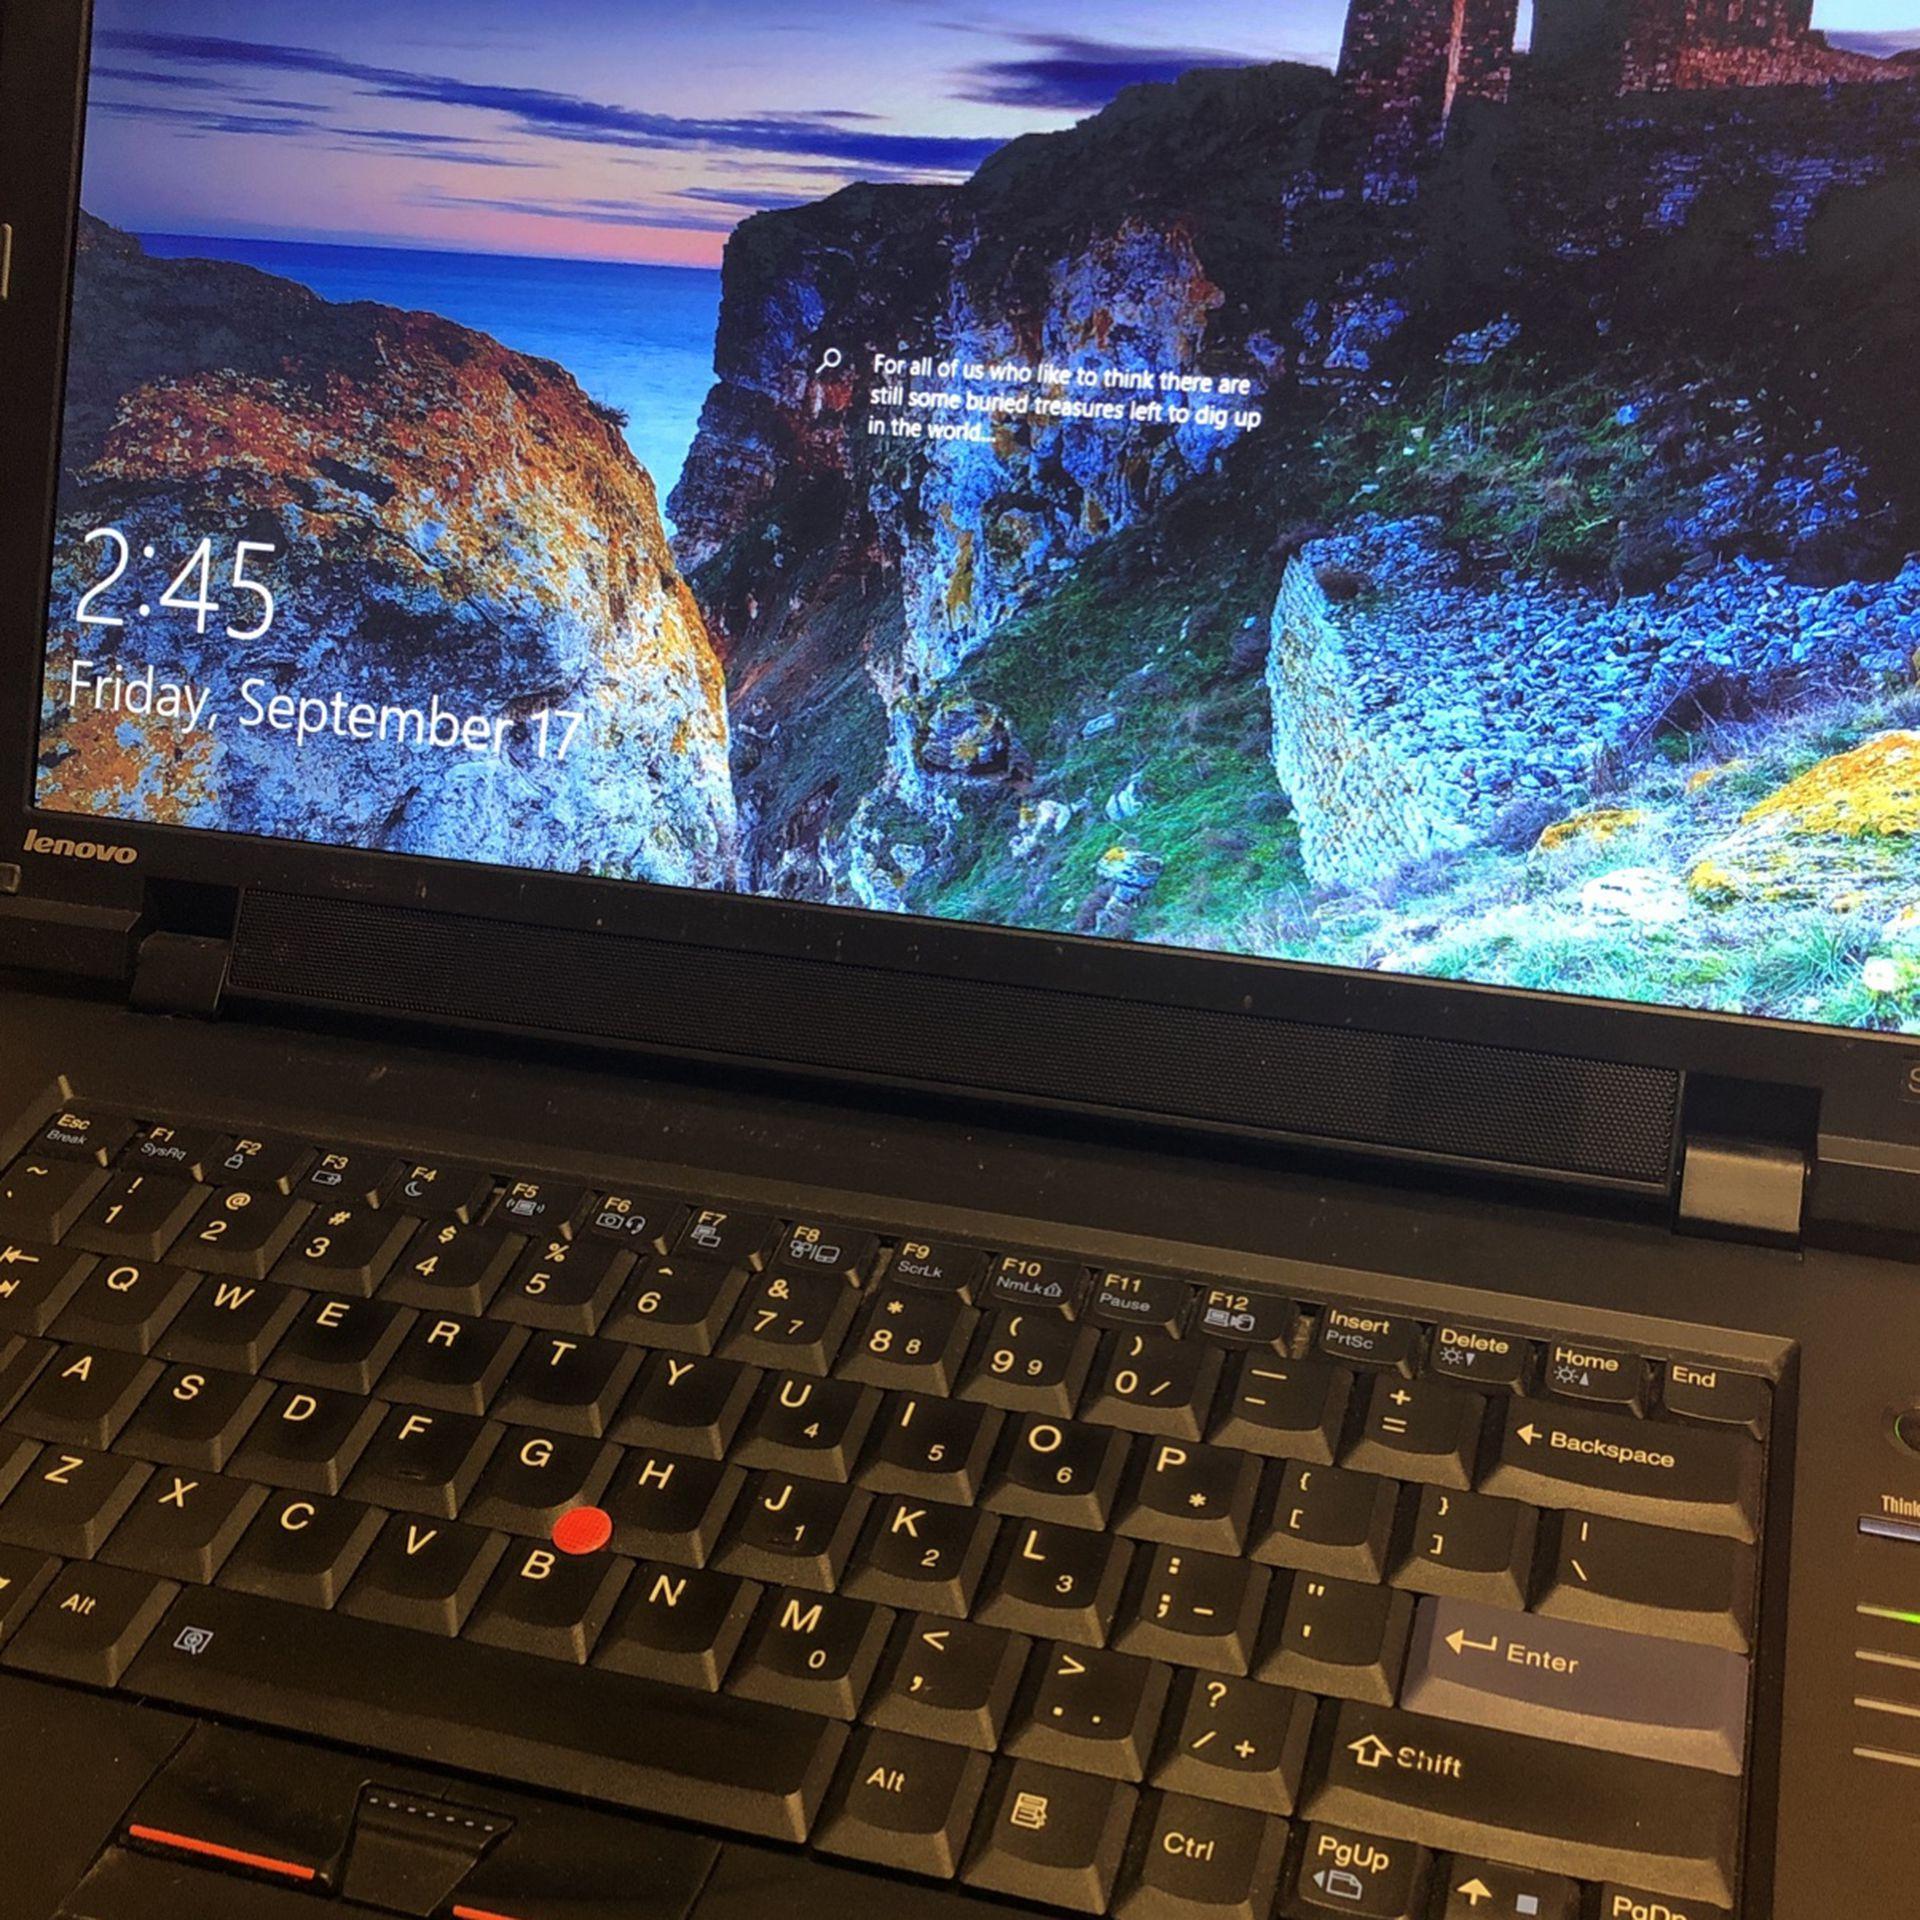 Lenovo ThinkPad SL510 Win10 Office 2019